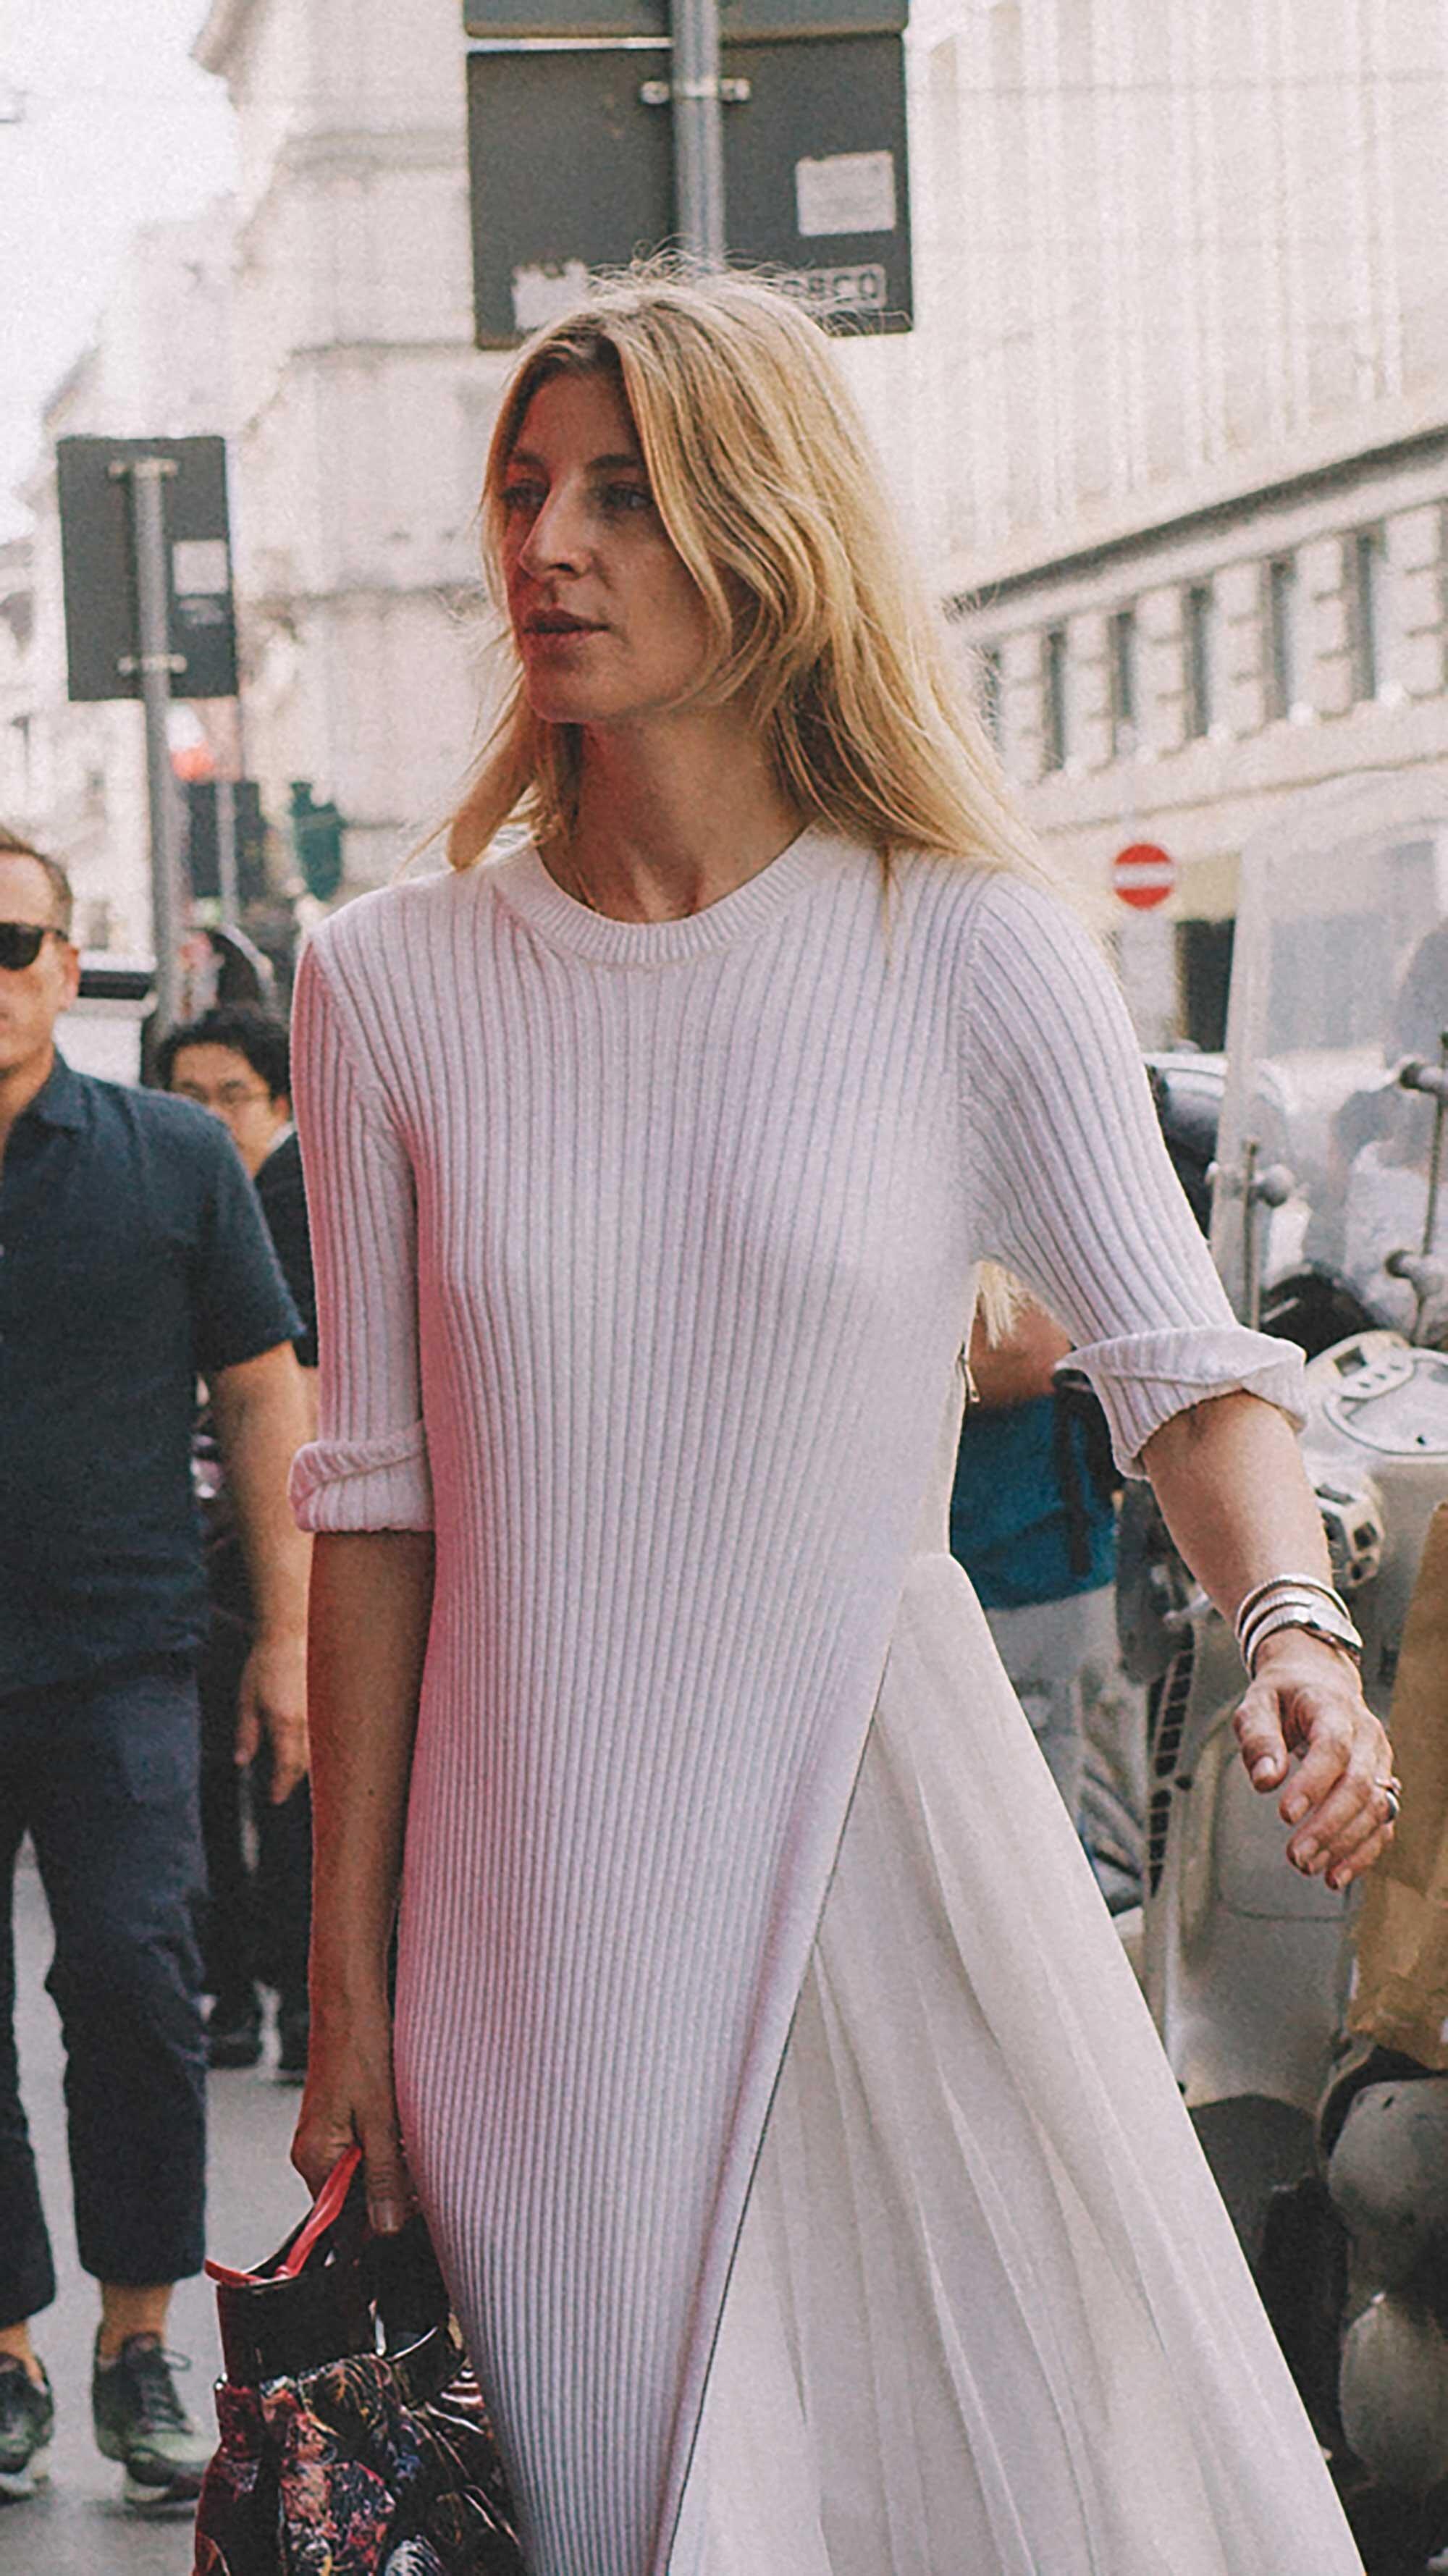 Best outfits of Milan Fashion Week street style 2019 Day One MFW SS20 Photo by @J2martinez Jose J. Martinez www.jmrtnz.com -5.jpg